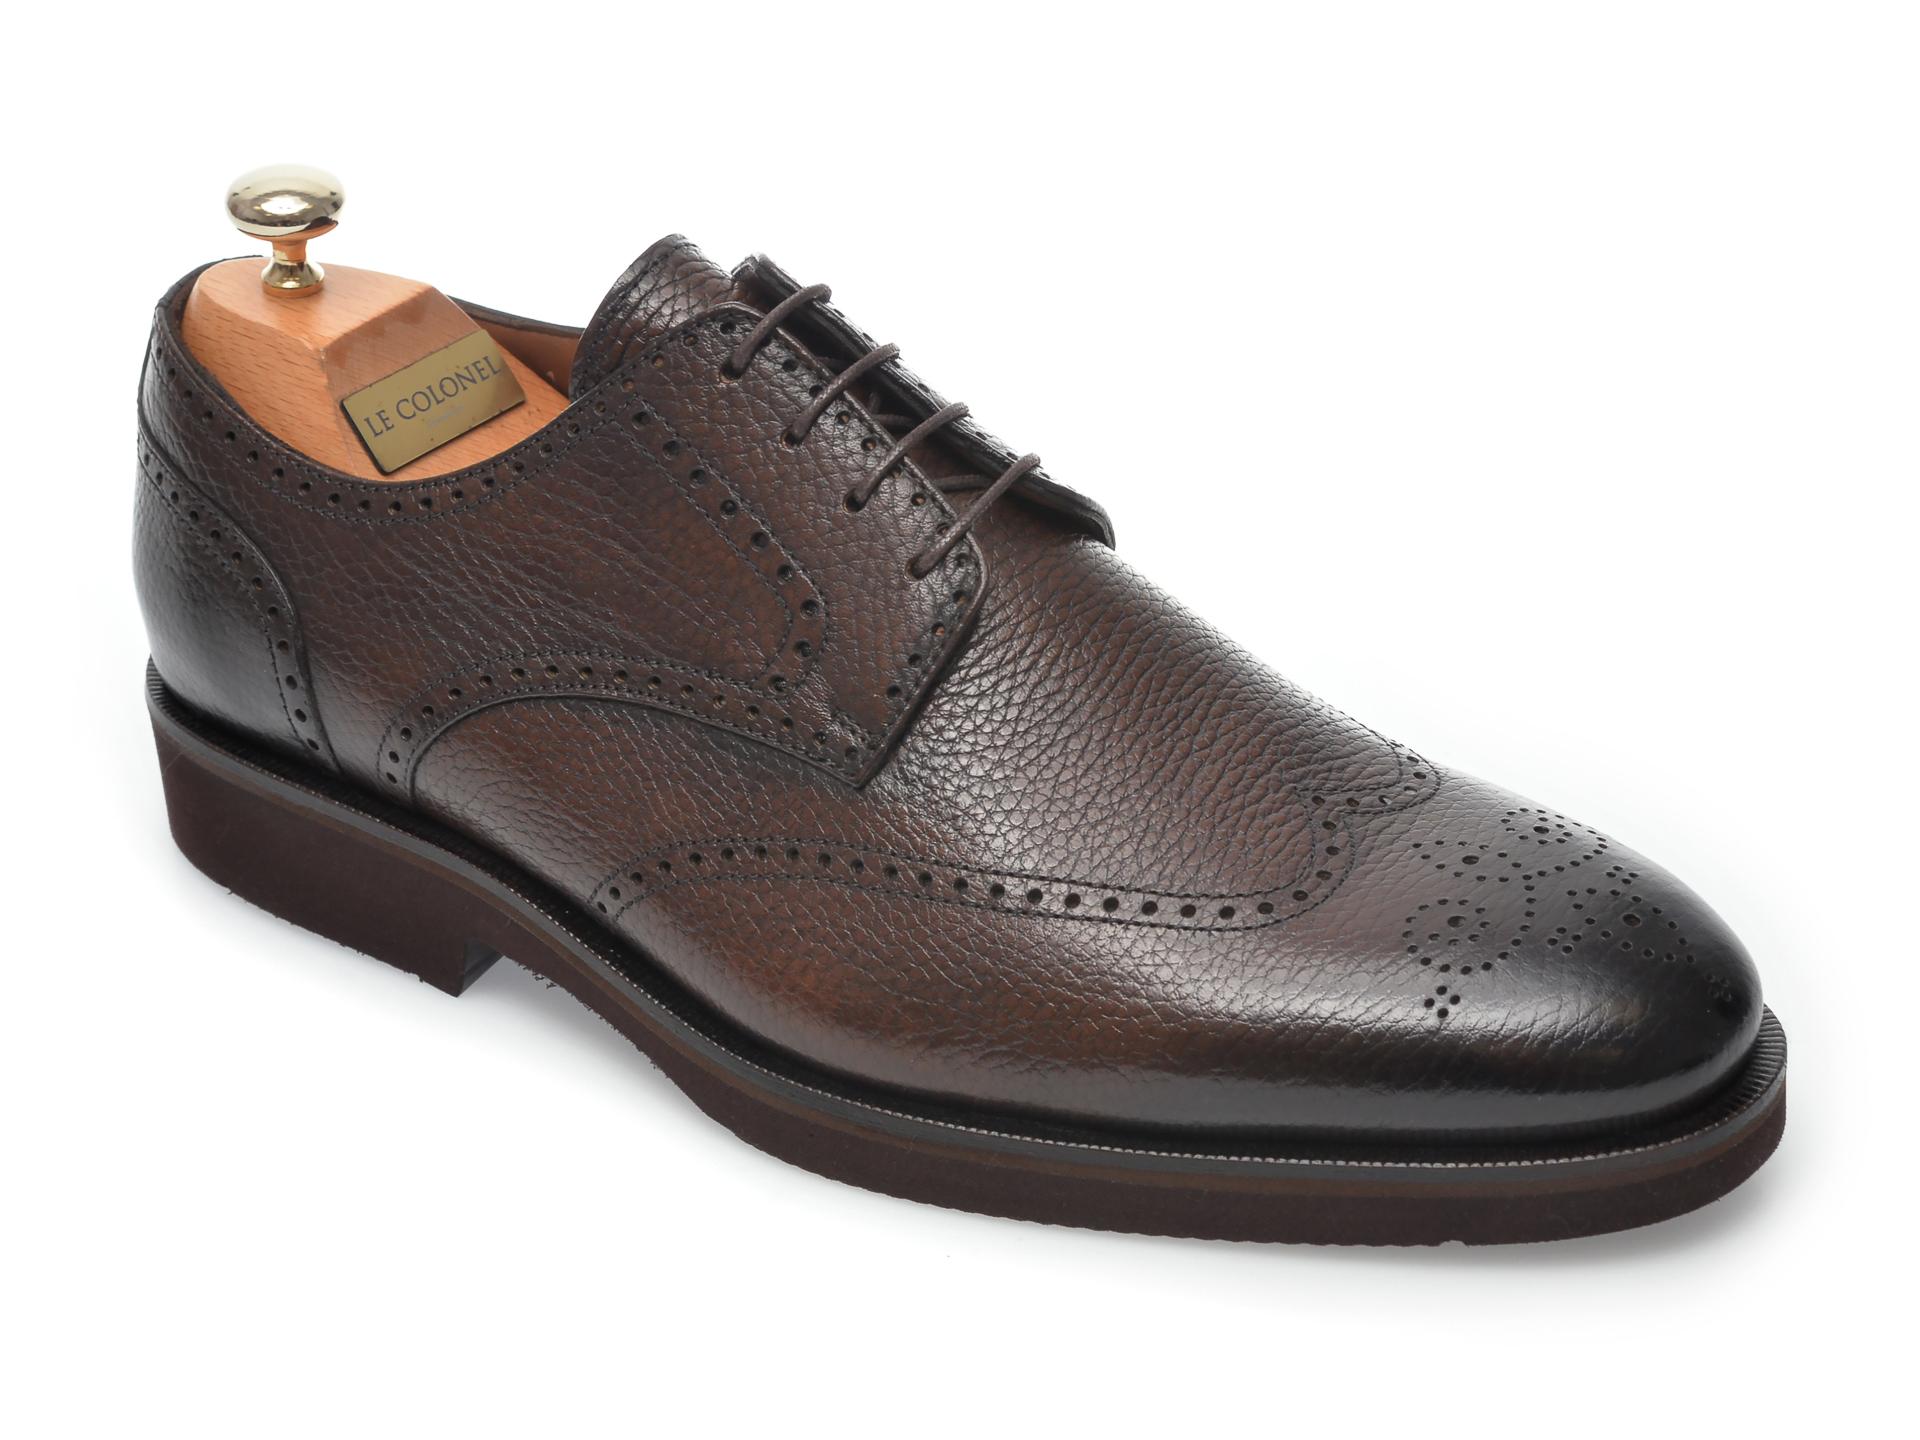 Pantofi LE COLONEL maro, 40911, din piele naturala imagine